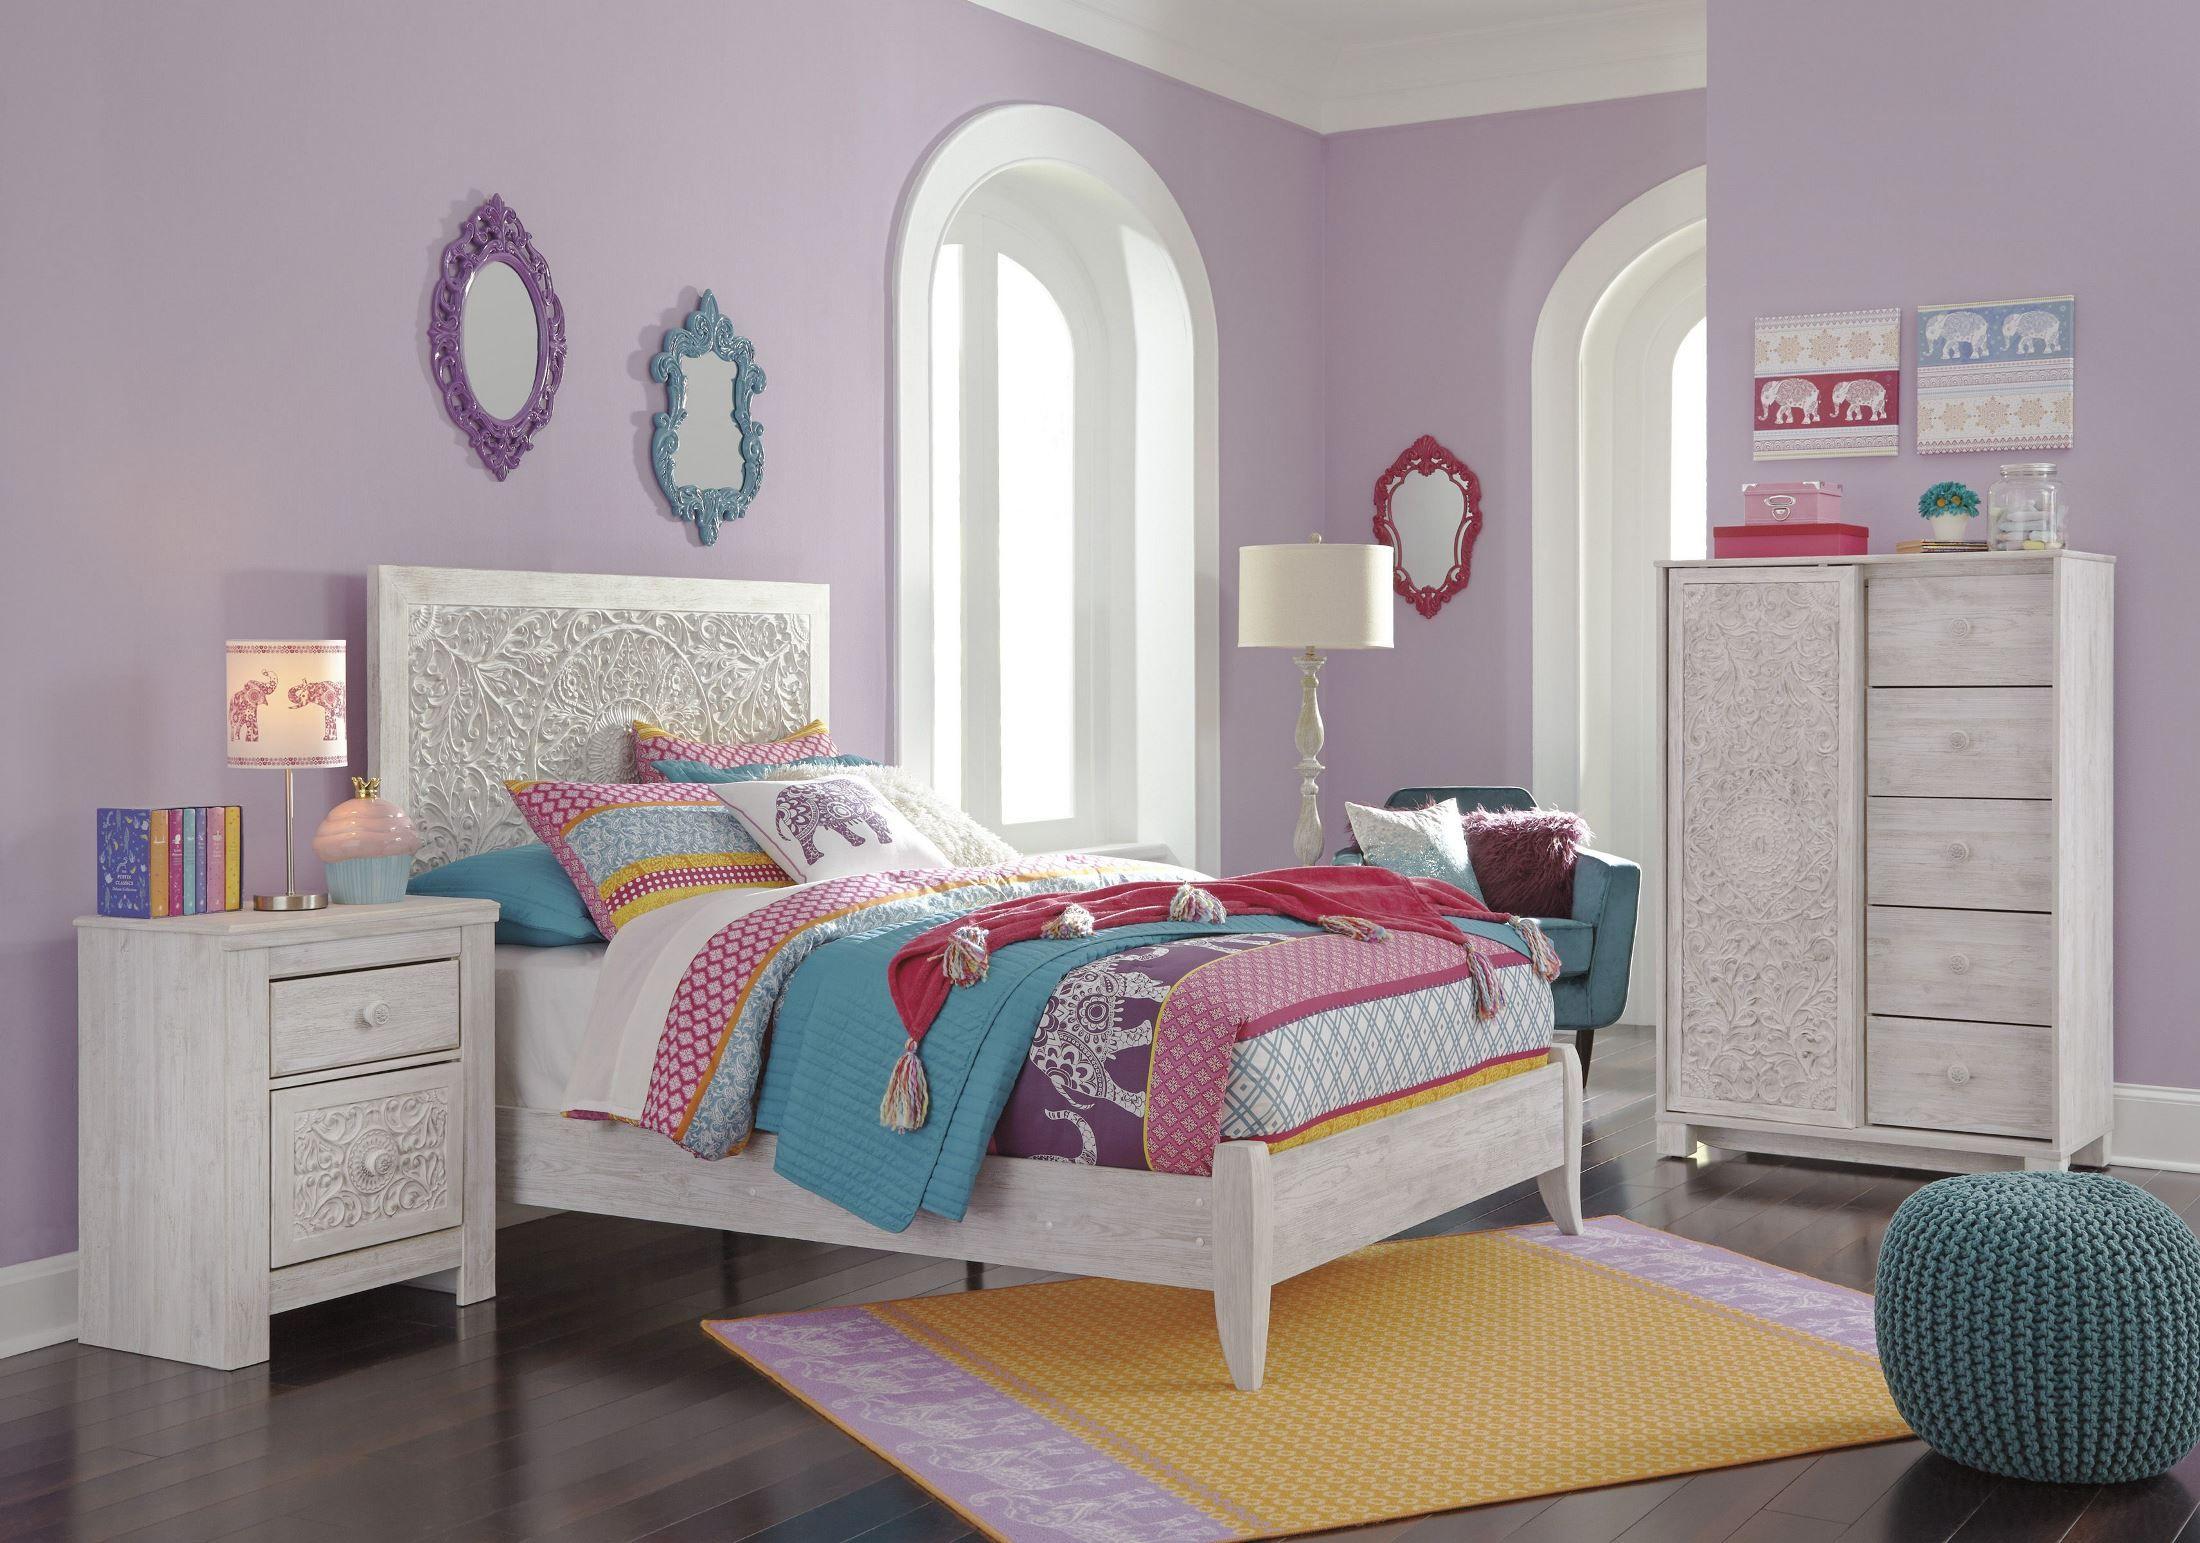 Exquisite Youth Poster Bedroom Set in 2020 Bedroom set